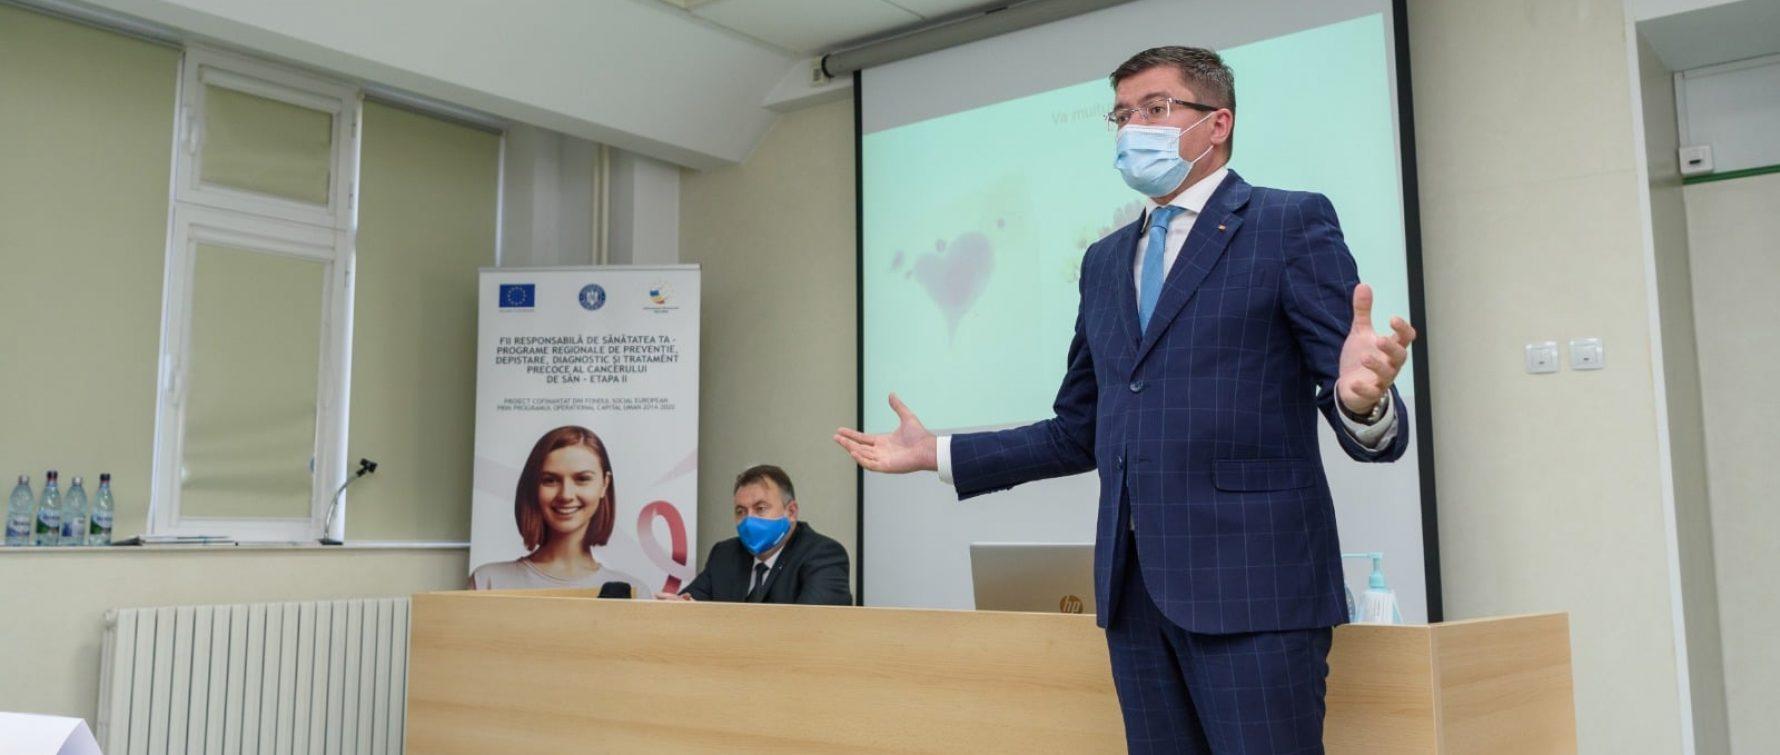 Grijă pentru sănătate: Costel Alexe a participat la lansarea unui program regional de prevenție, depistare, diagnostic și tratament precoce al cancerului de sân